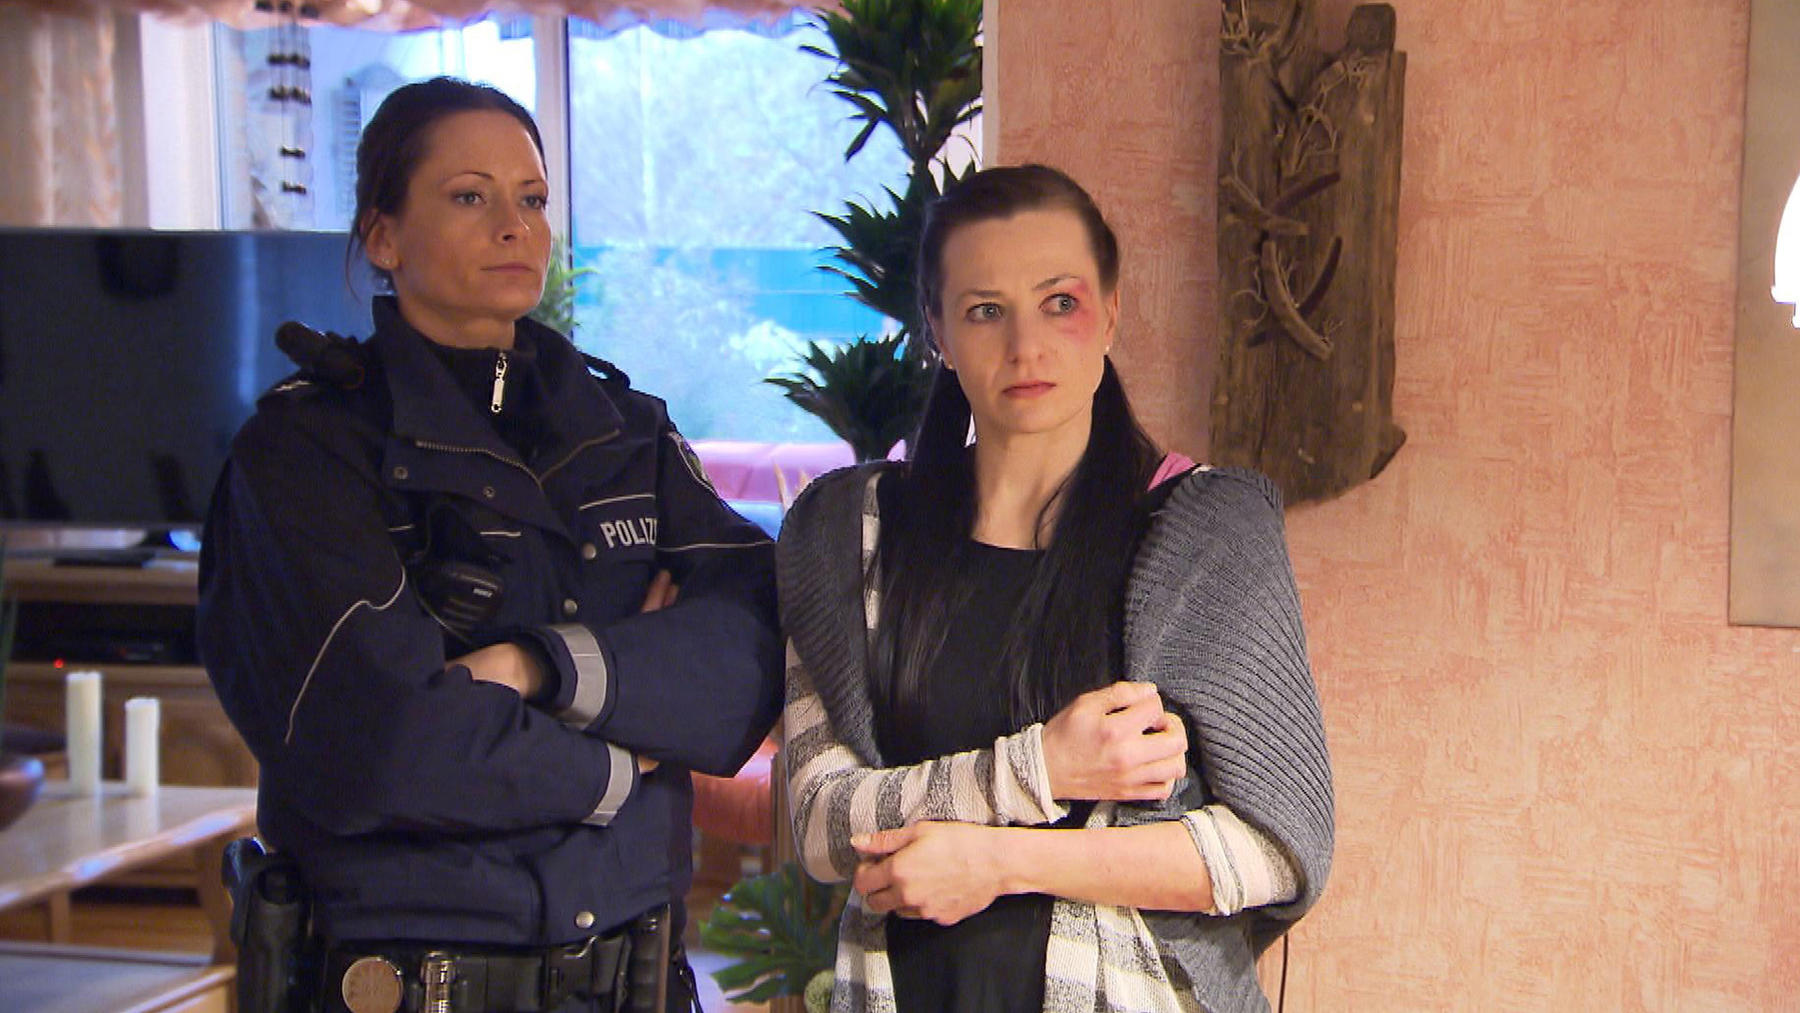 Gewalttätige Familie terrorisiert 23-Jährige   Spielplatzmütter glauben Exhibitionisten gestellt zu